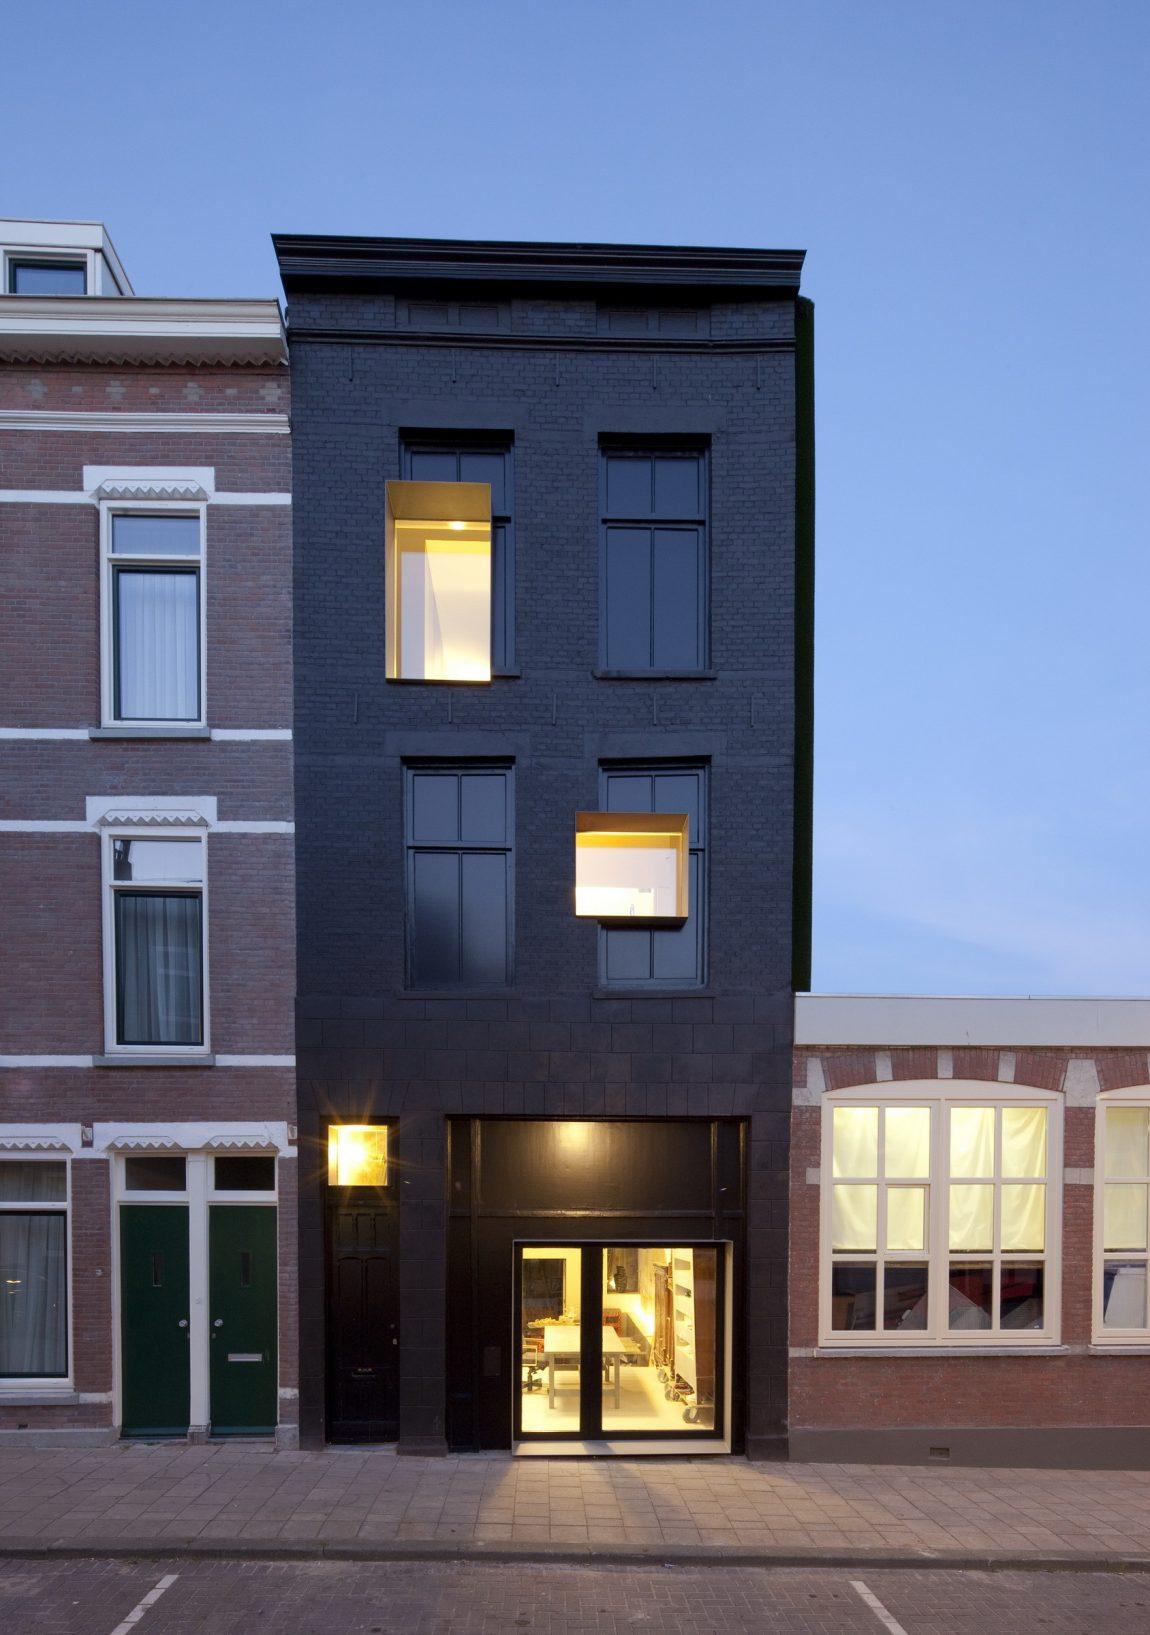 Zwarte gevel inrichting - Provencaalse huis gevel ...